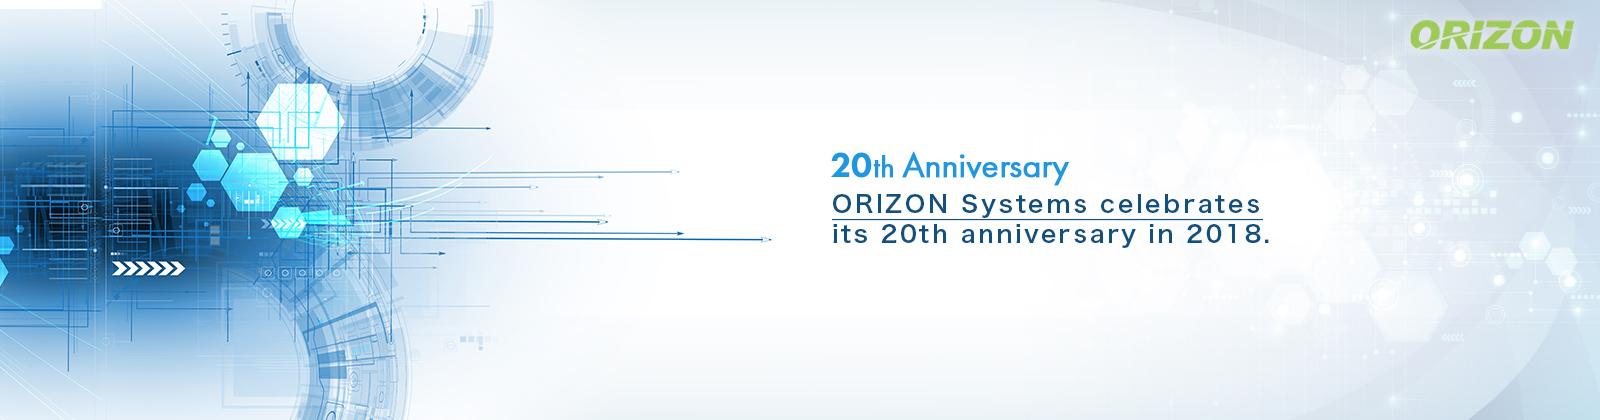 20th Anniversary ORIZON Systems celebrates its 20th anniversary in 2018.